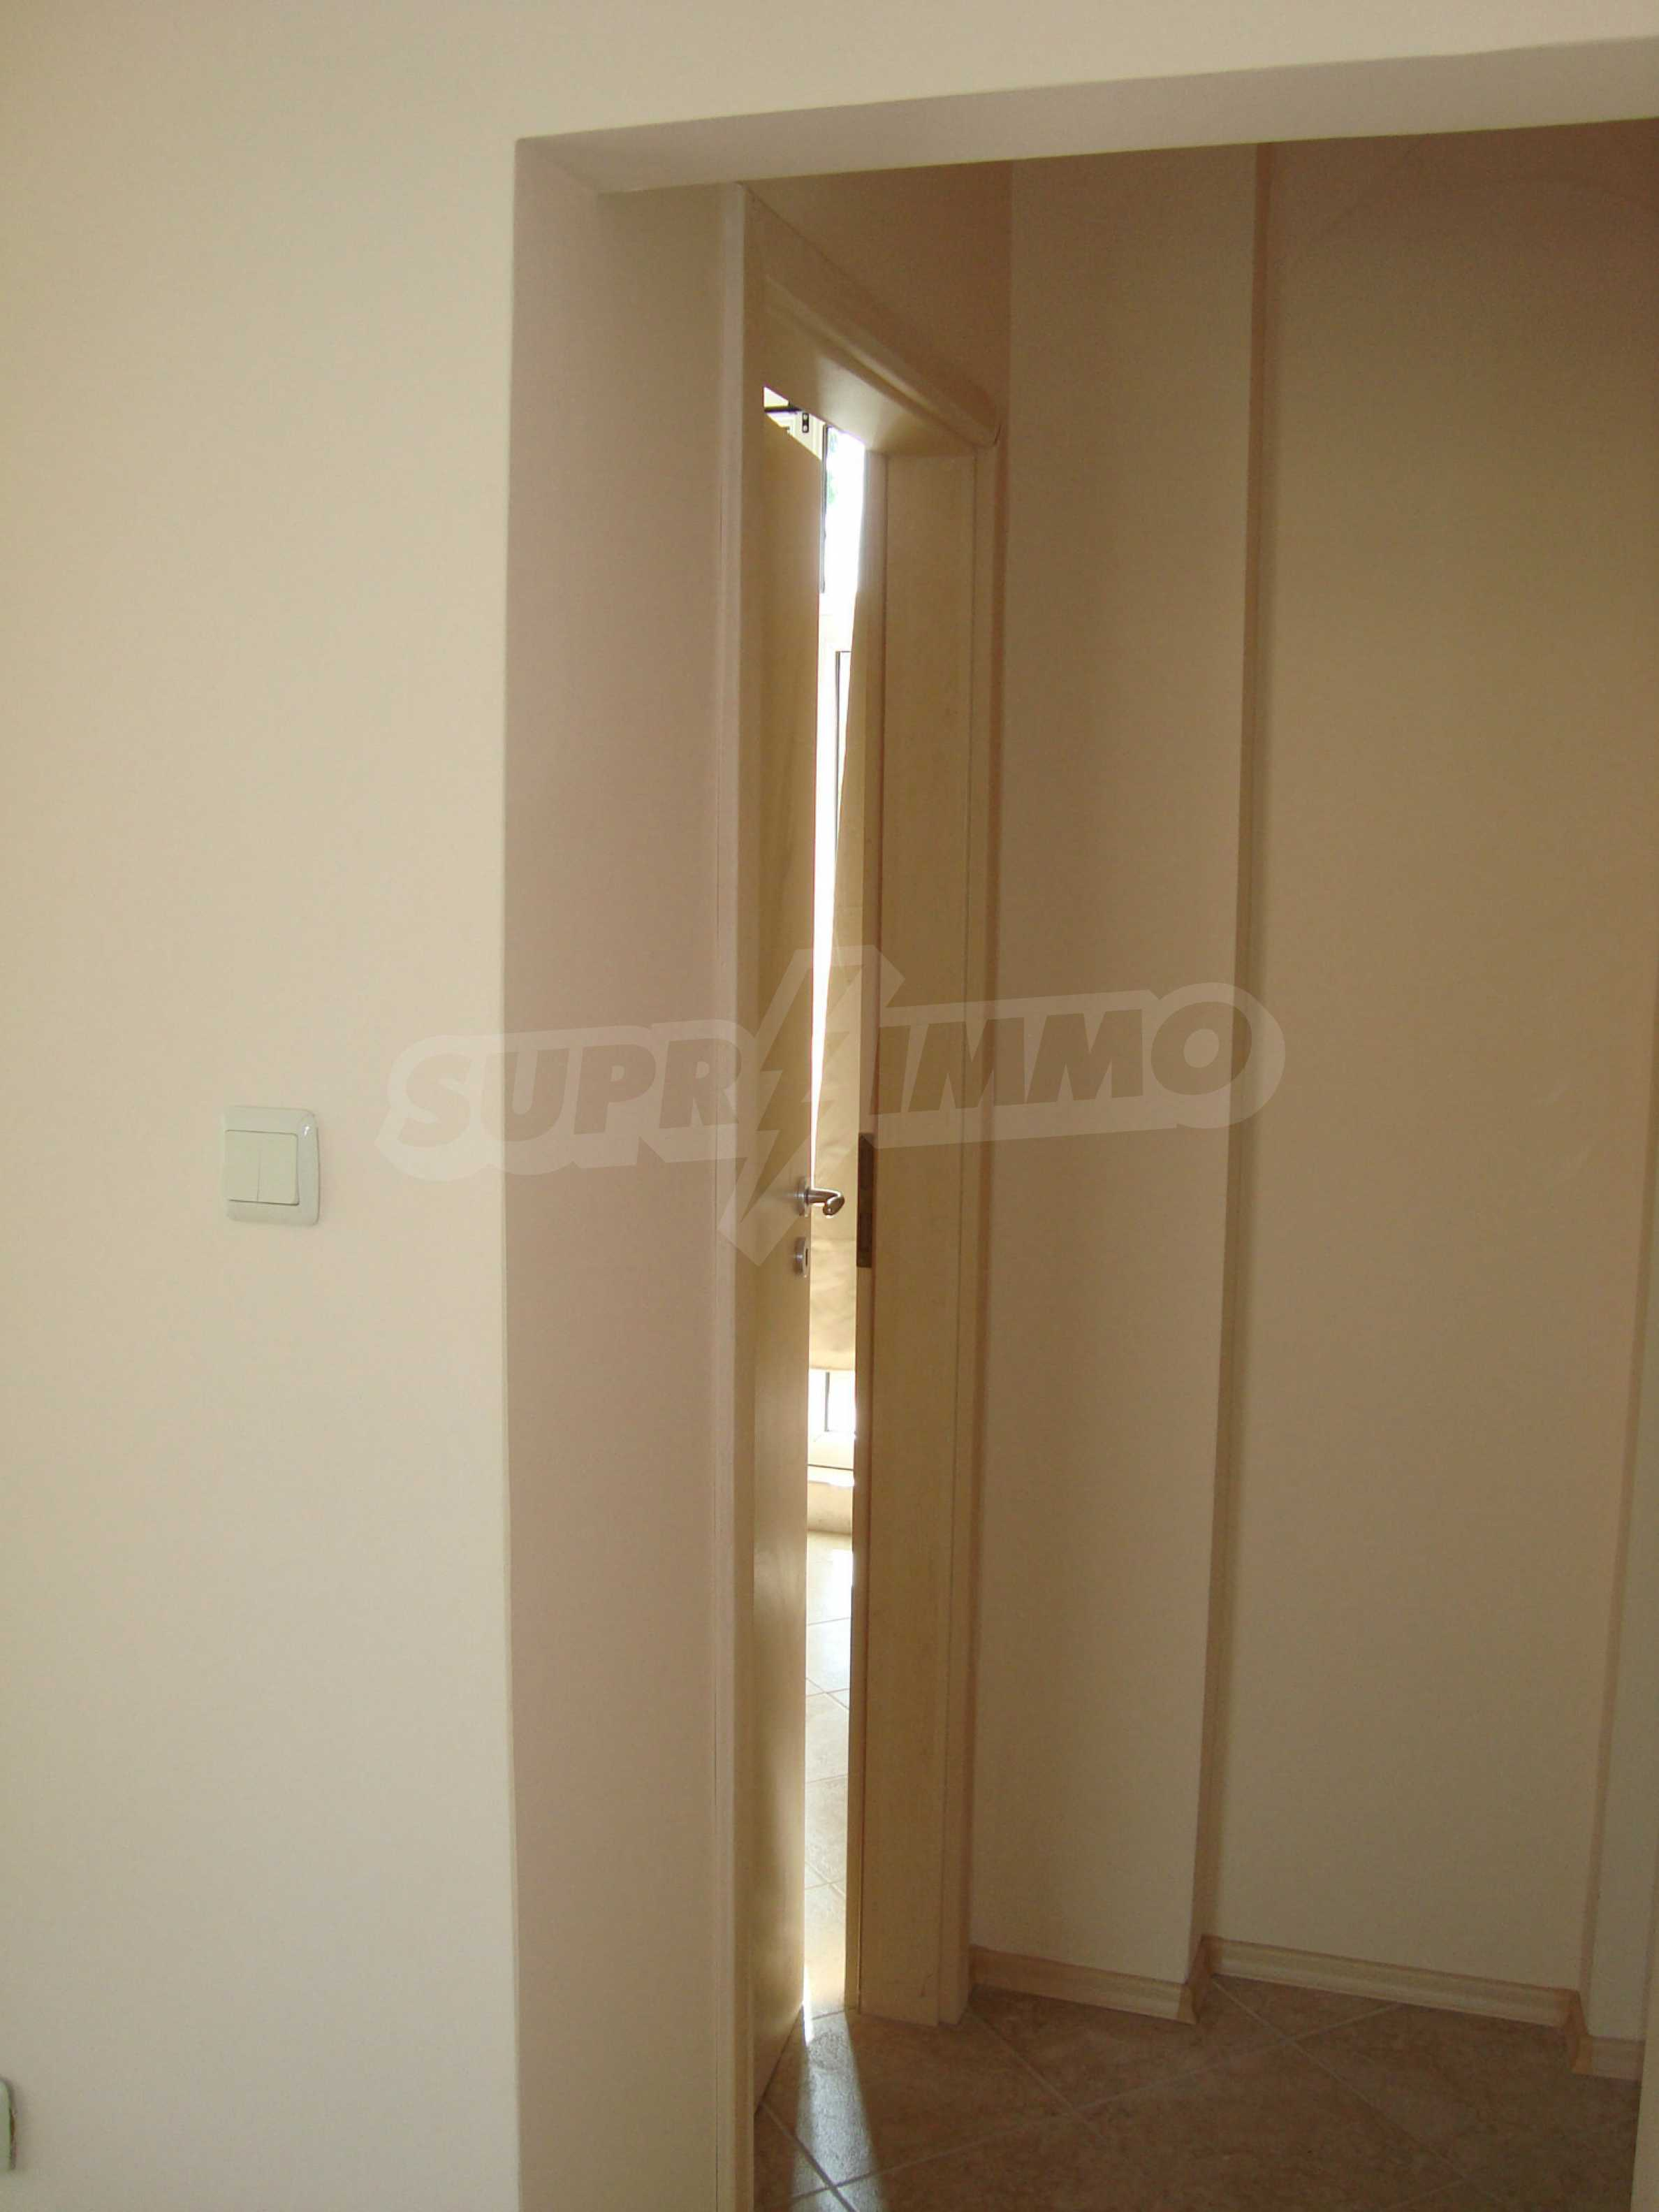 1-bedroom apartment in Kamelia Gardens complex in Sunny beach 16